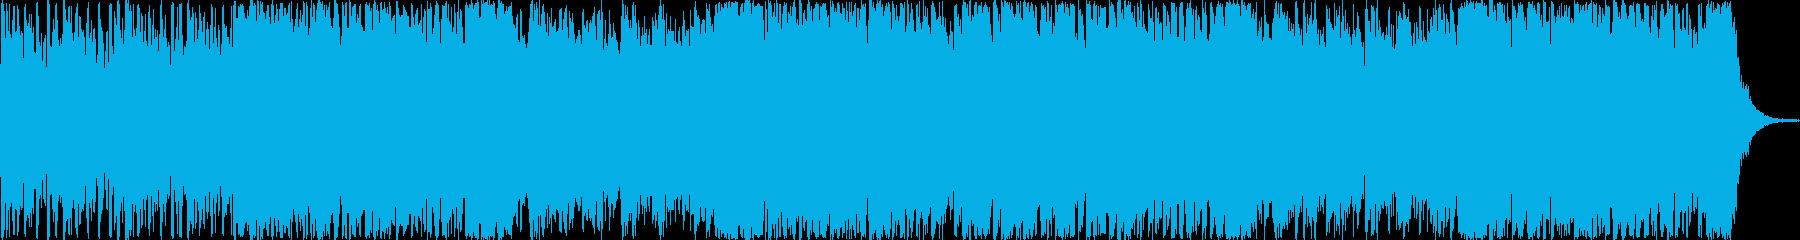 ストリングスメインの緊迫感のあるBGMの再生済みの波形